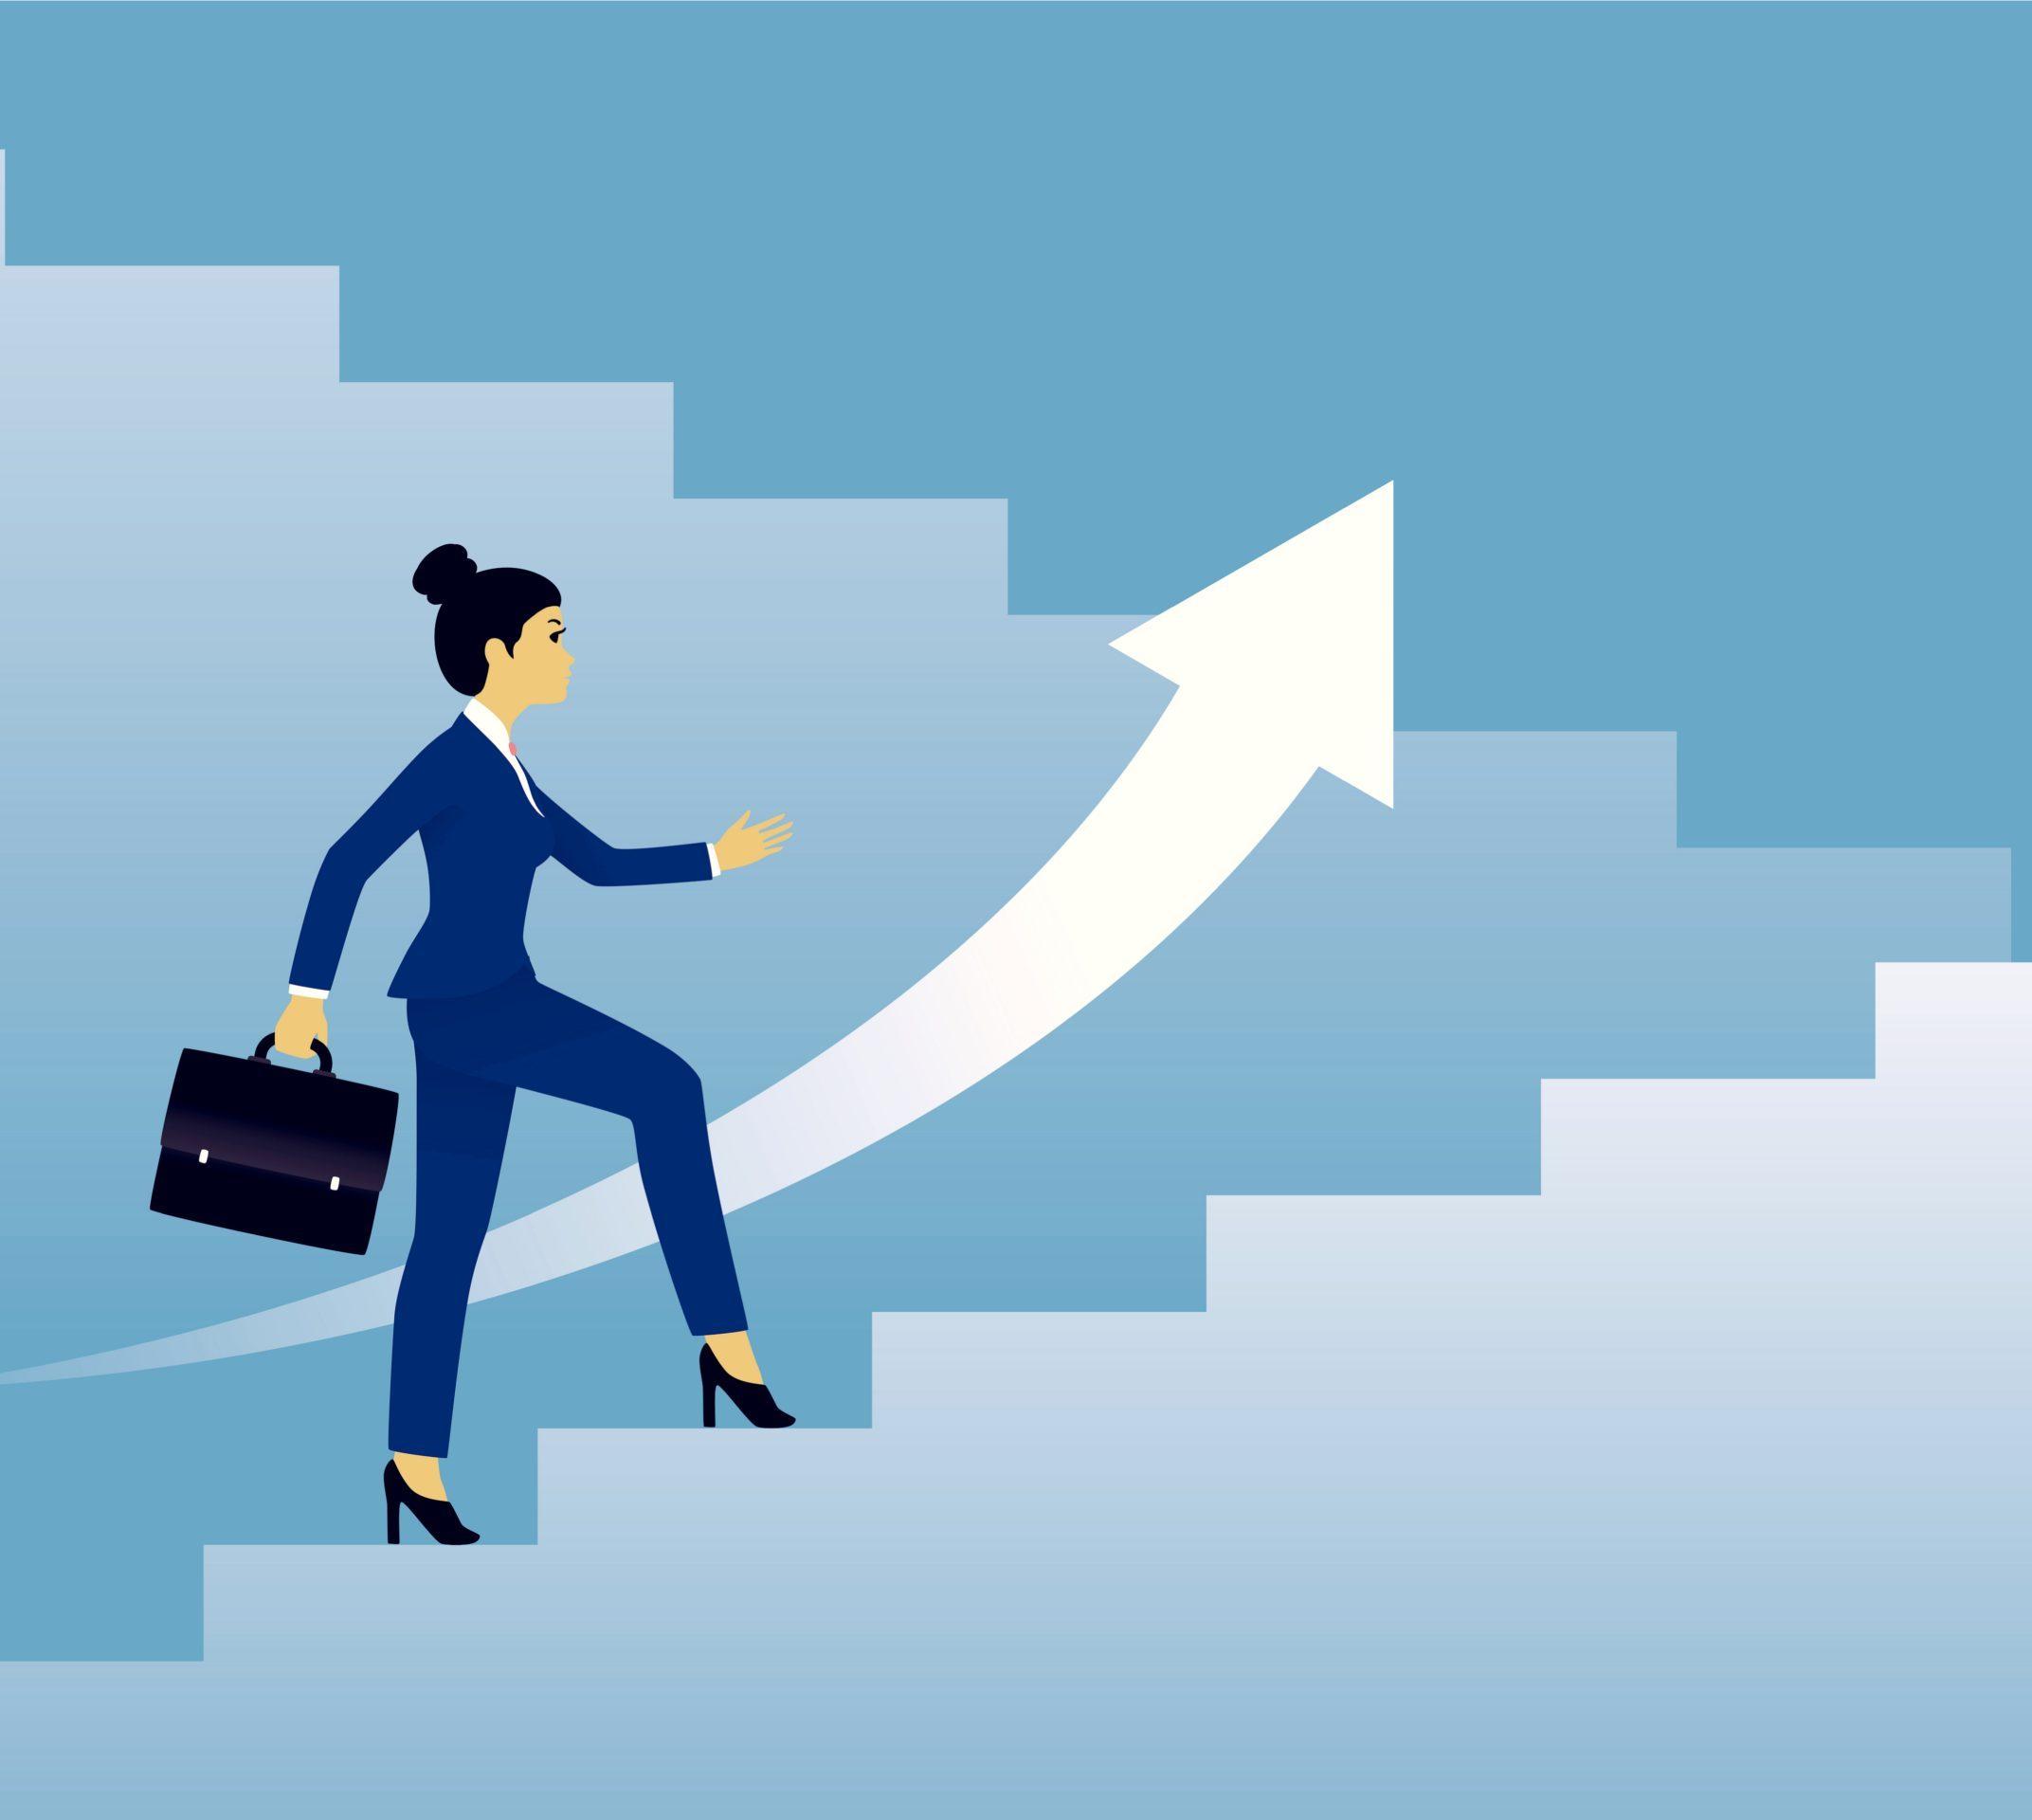 Strategie om organisatiedoelstellingen te bereiken